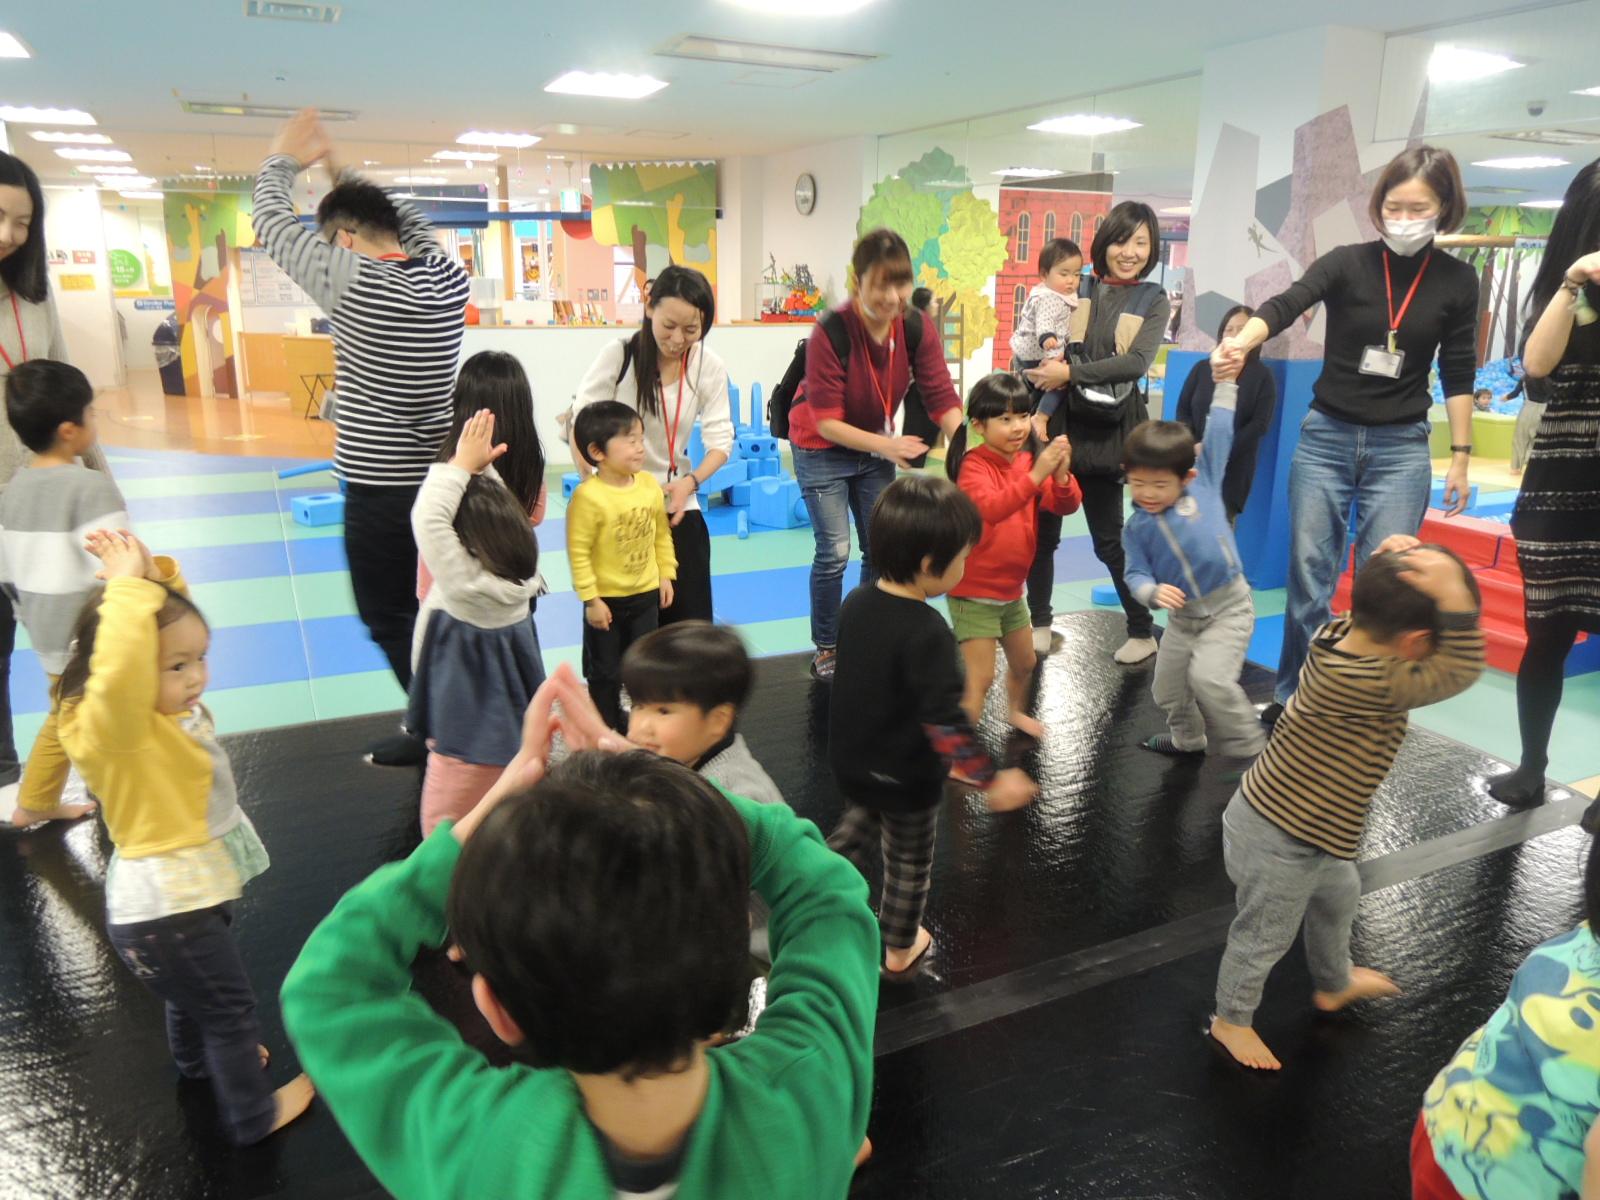 「選手になりきって遊ぼう!キドキドで楽しむ冬のスポーツイベント」のご報告(2/14~24)